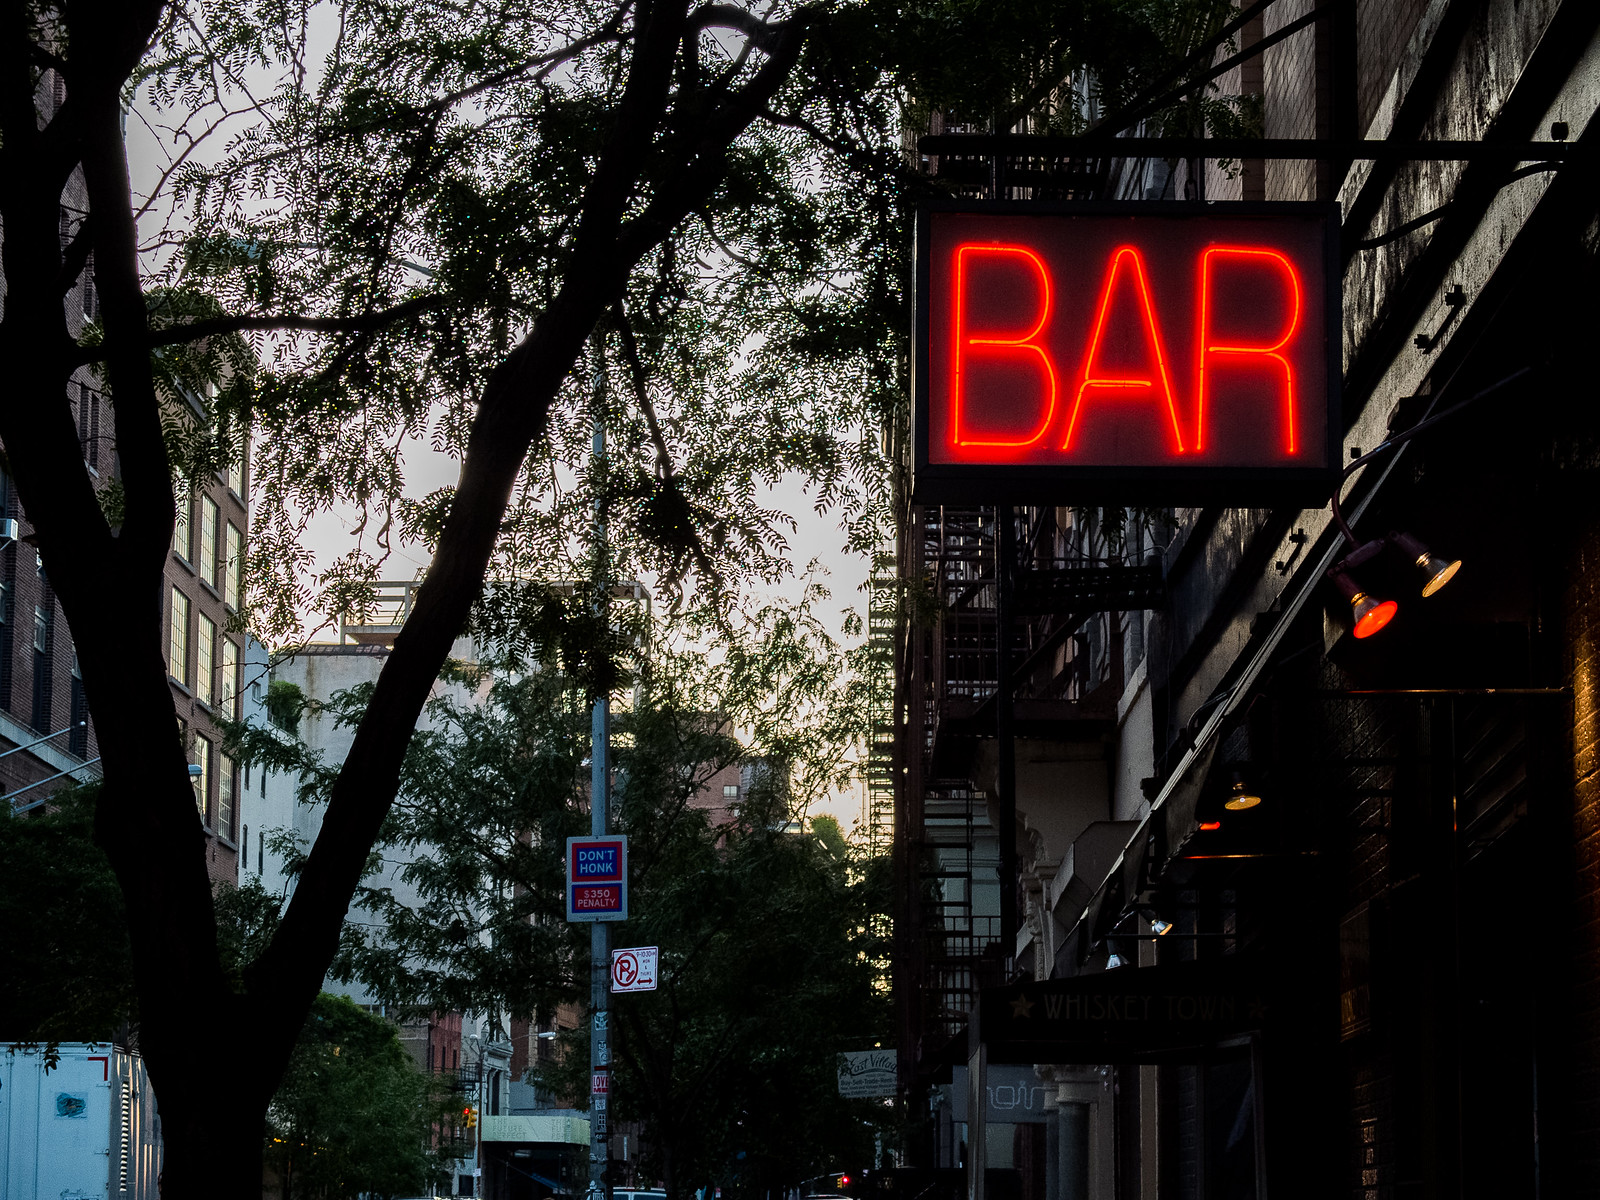 Bar by wwward0